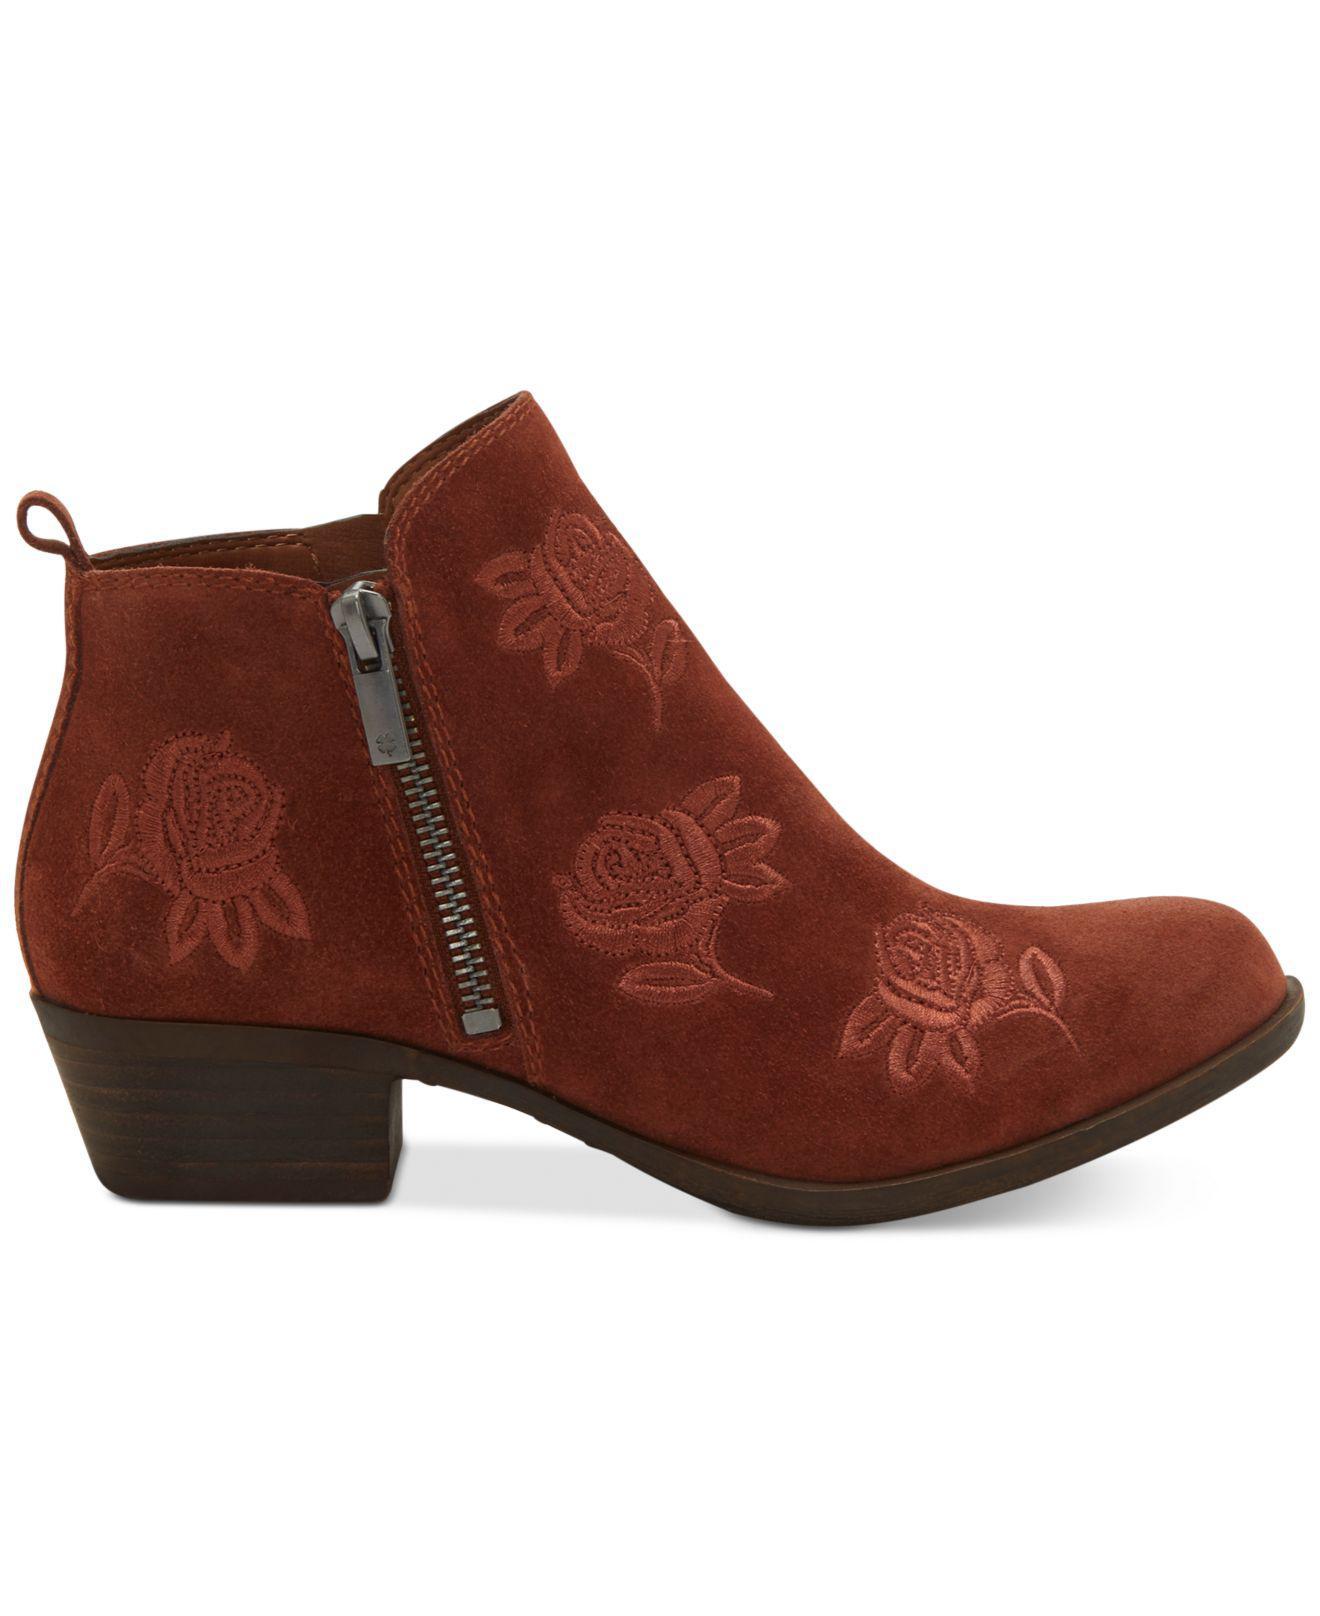 3a760b3834c Lucky Brand Brown Women's Basel Booties